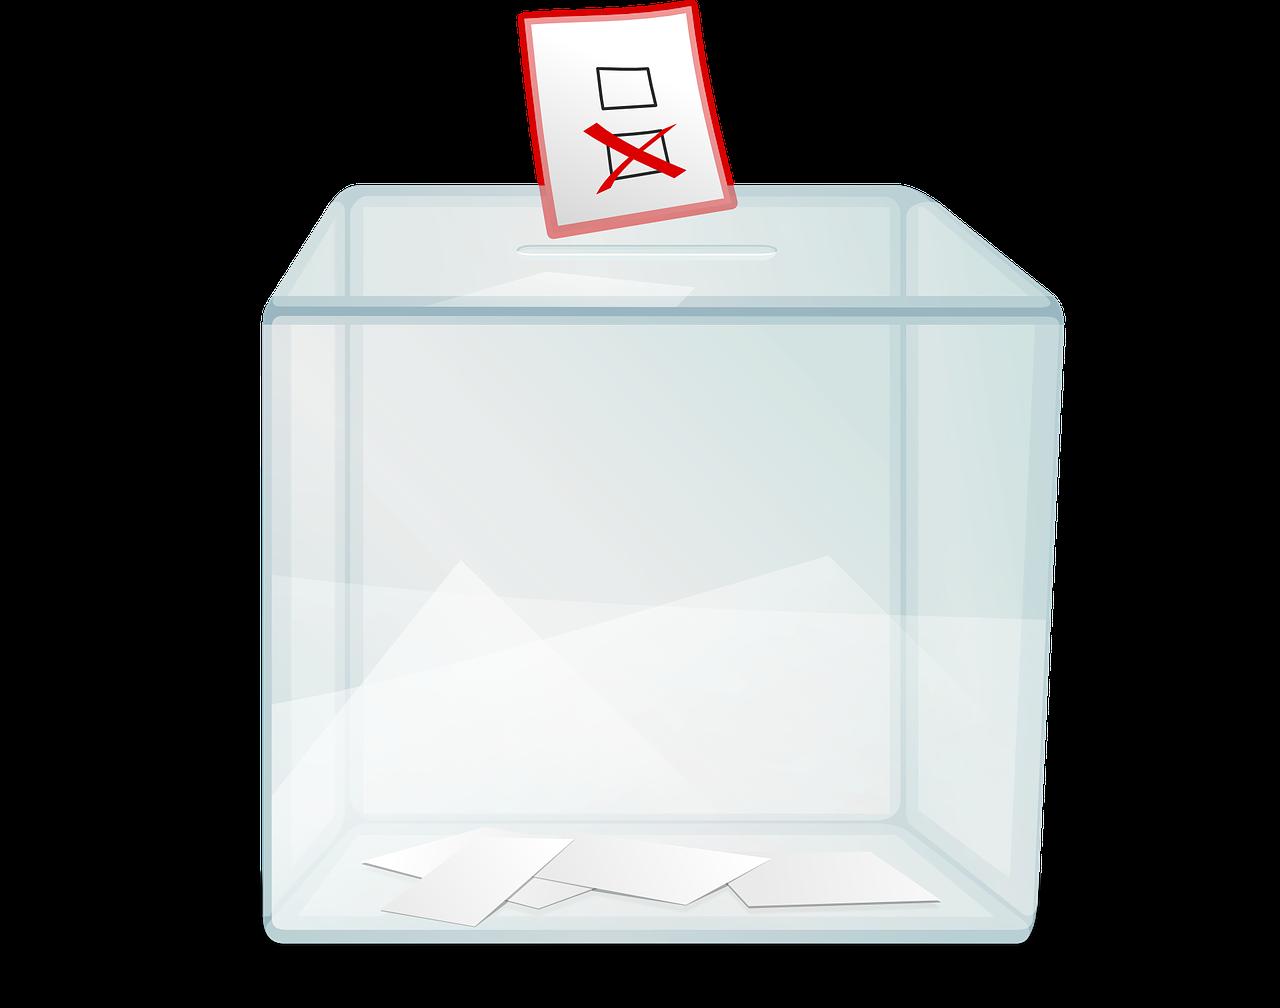 Apresentação da Proposta de Gestão da Chapa Única – Eleição Remota para Diretor(a) e Vice-Diretor(a)